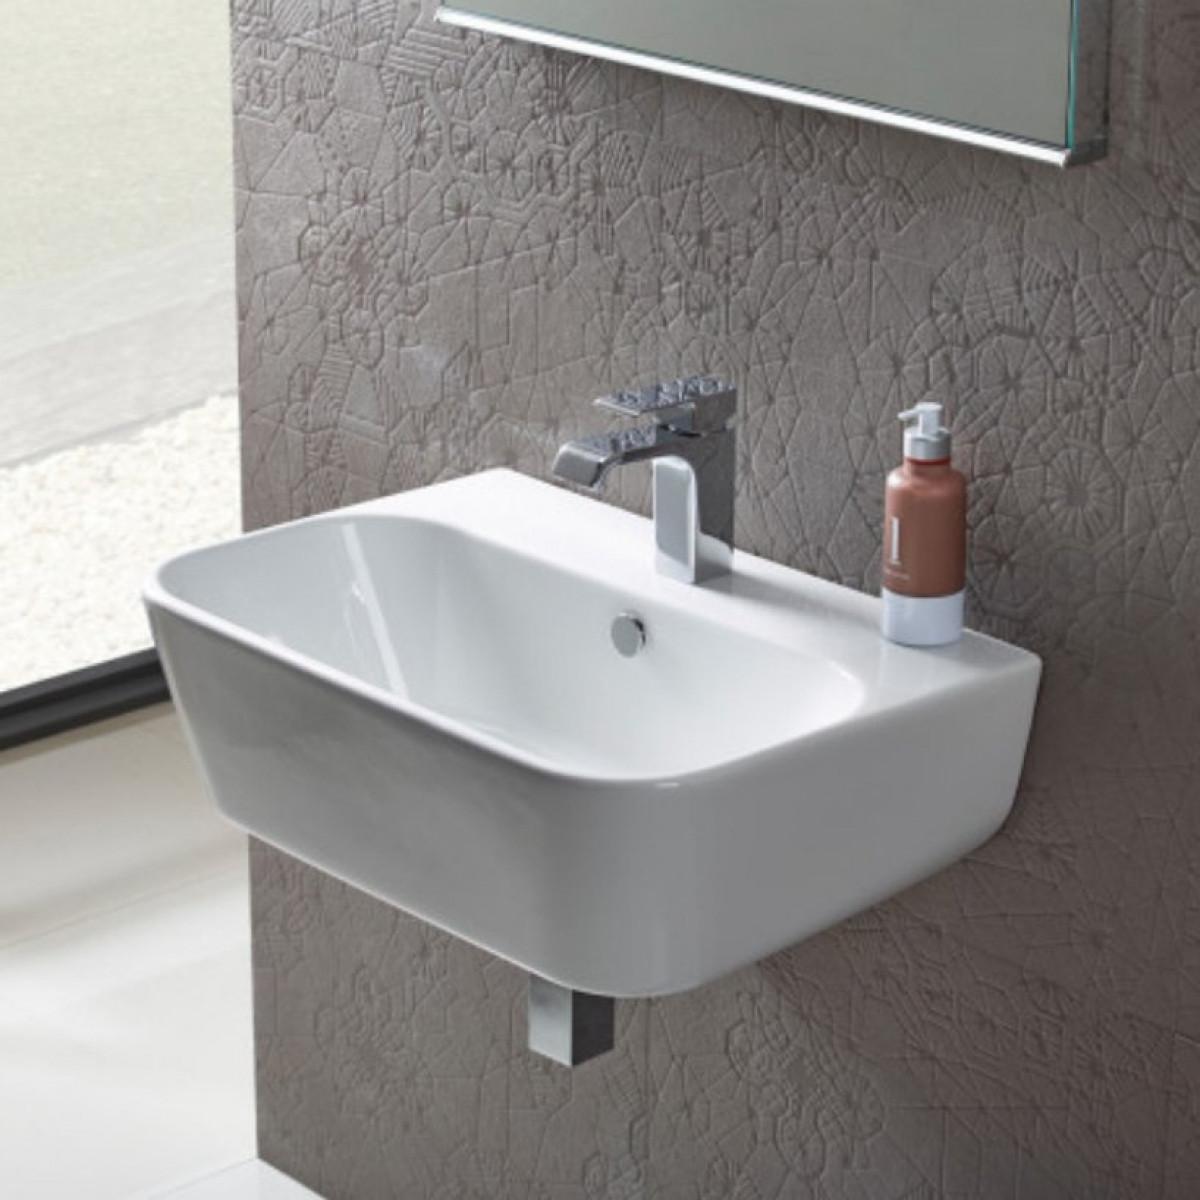 Wall Basin : ... Version Sanitaryware // Roper Rhodes Version 750mm Wall Mounted Basin